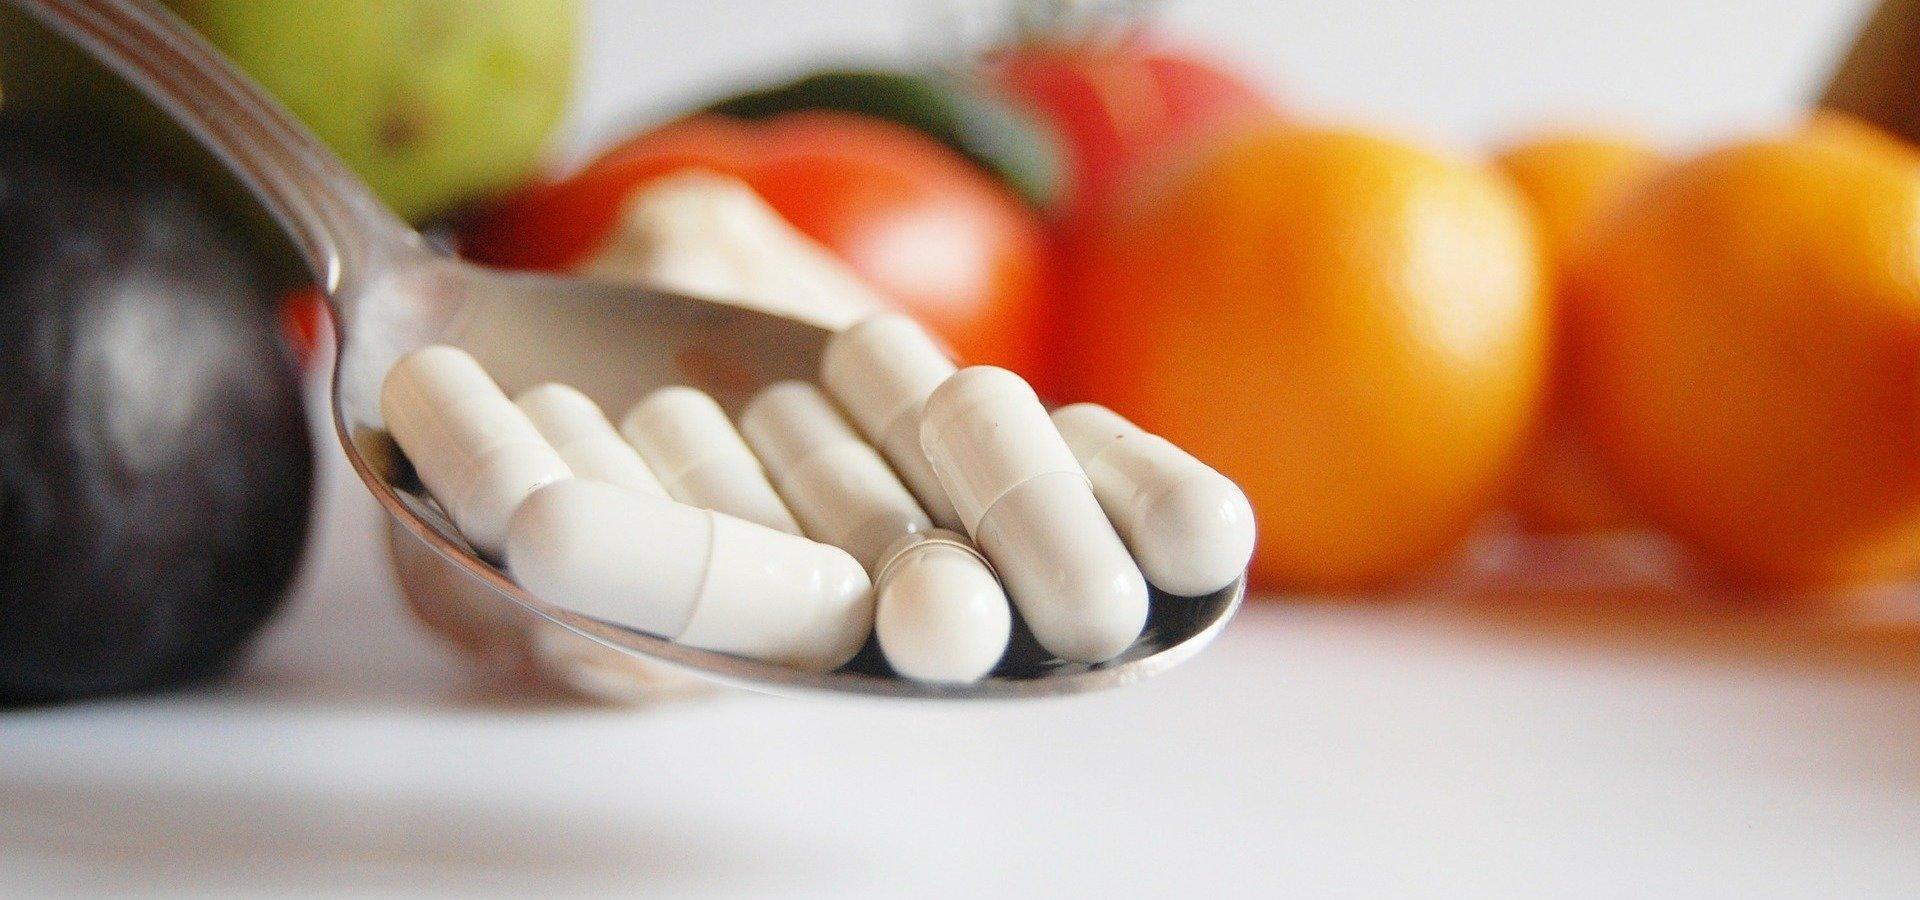 Dobre praktyki w reklamie suplementów diety?